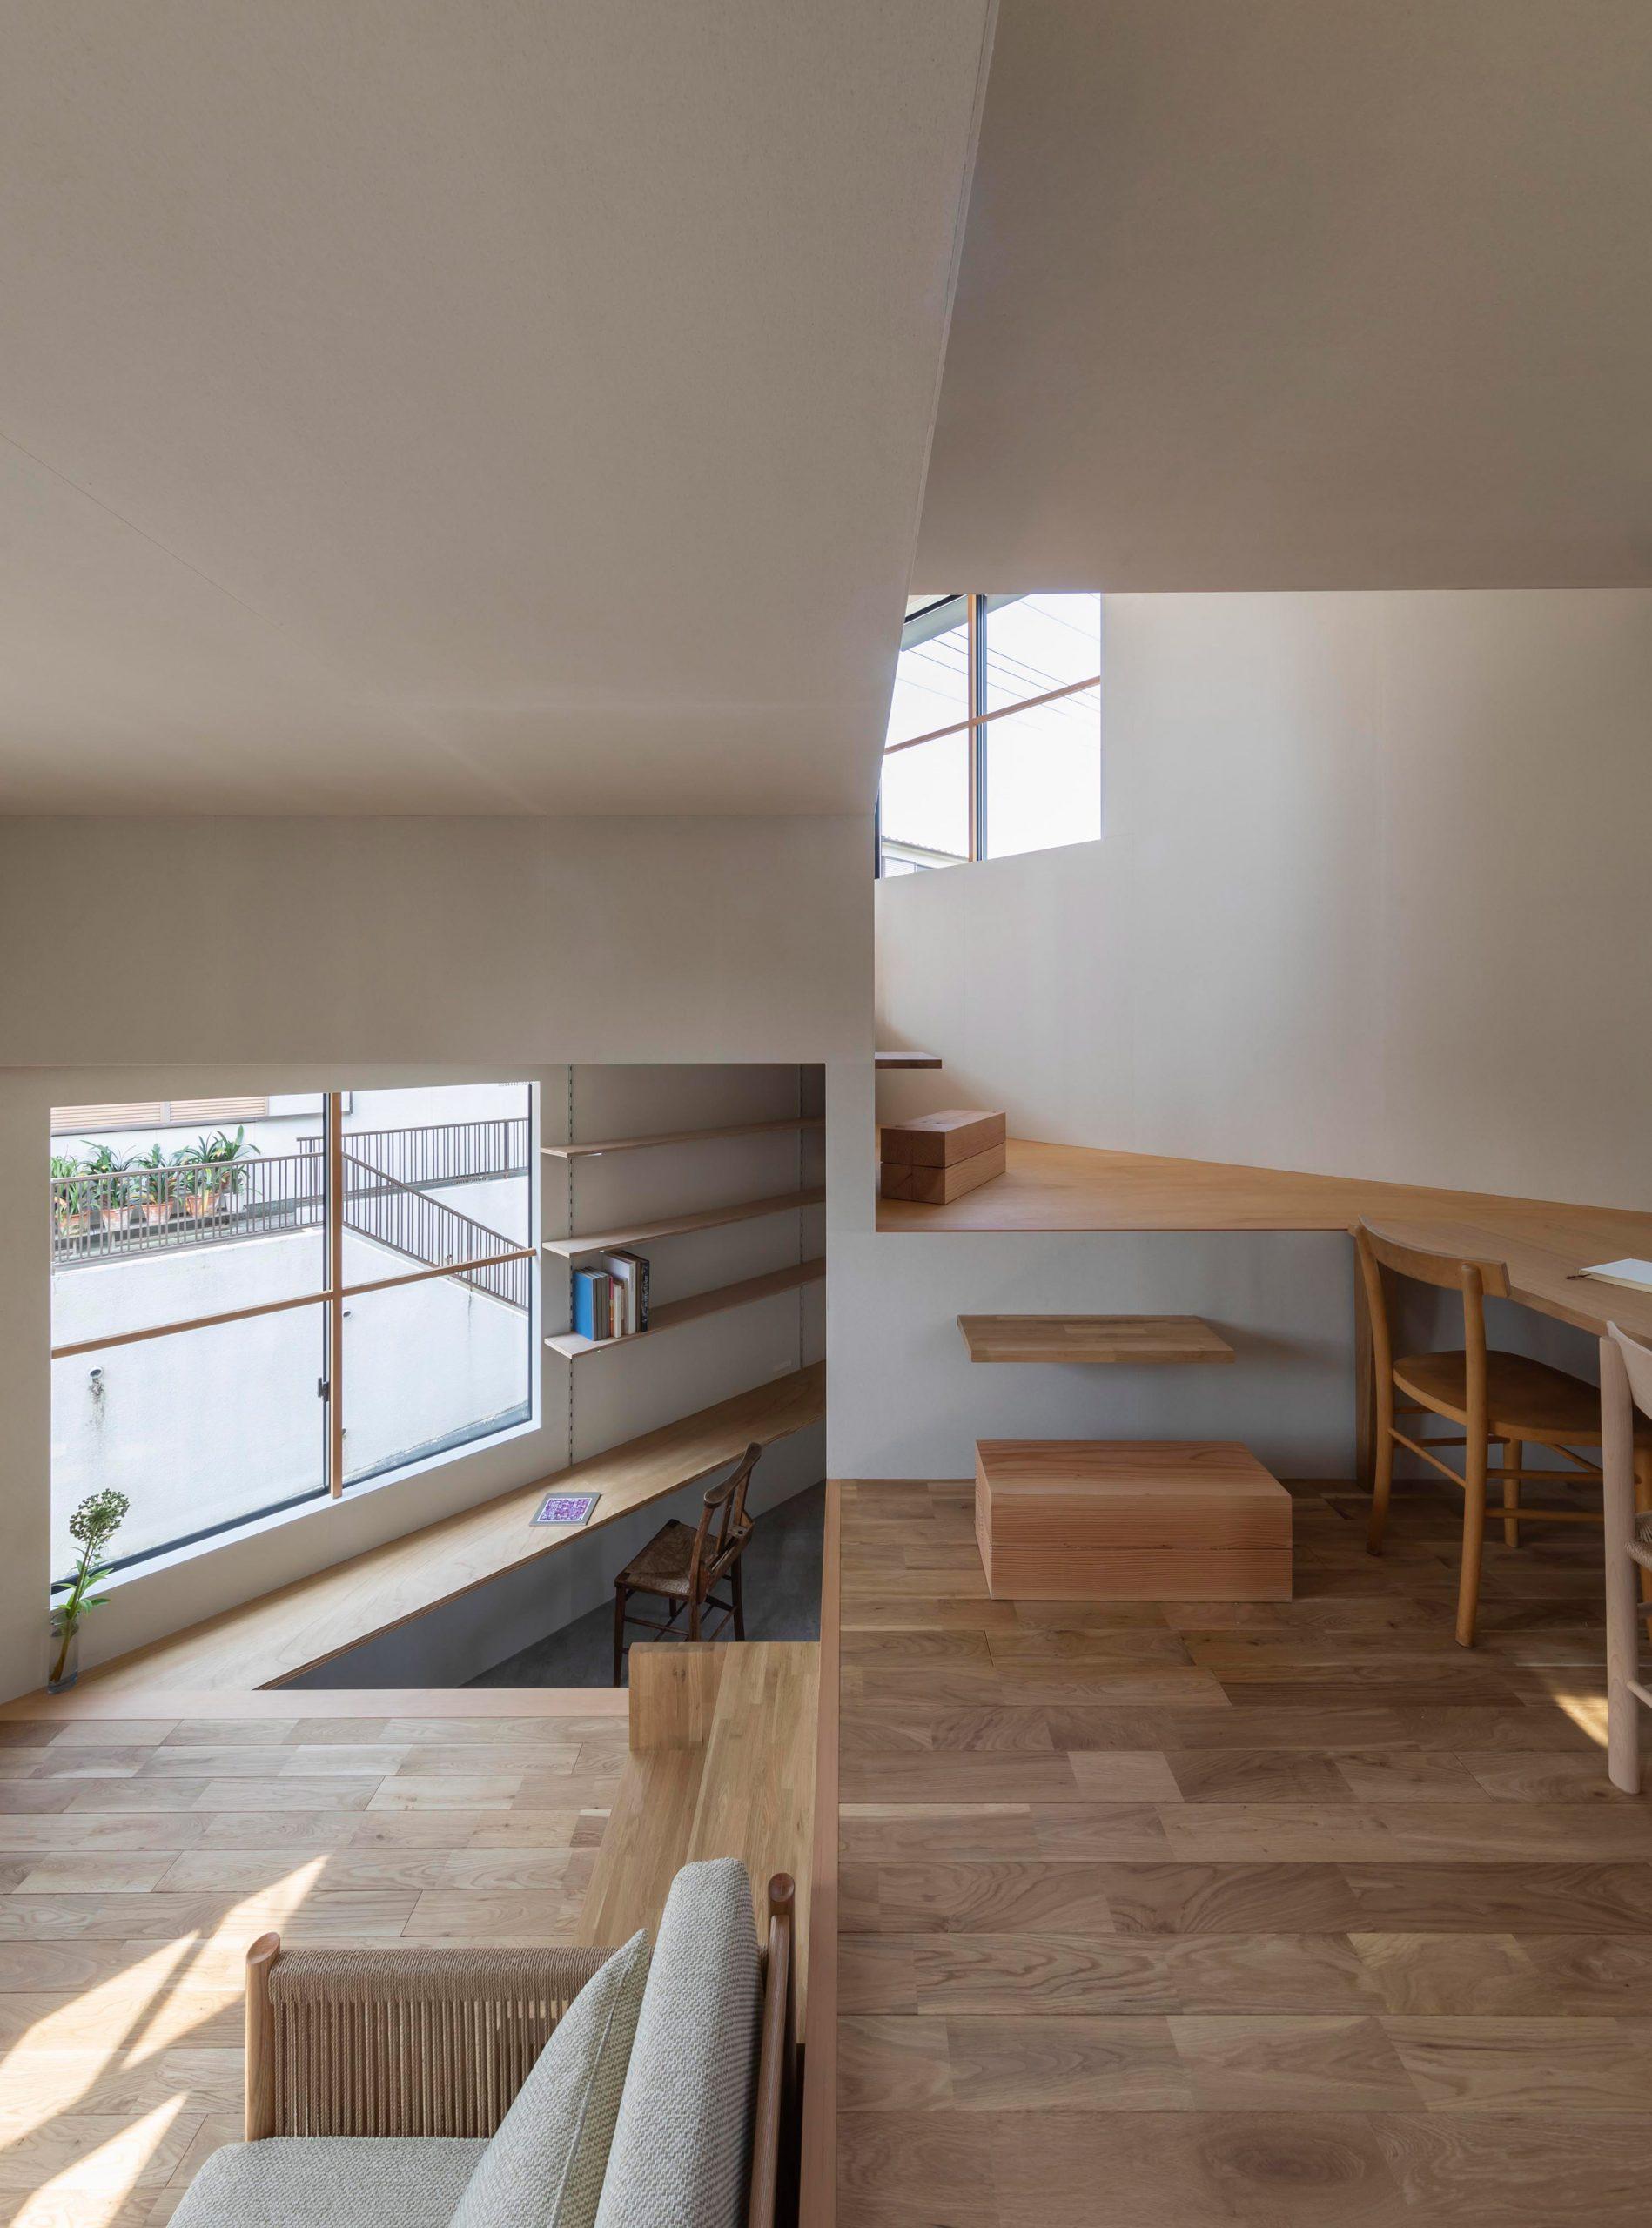 Thiết kế nội thất căn hộ nhỏ 15